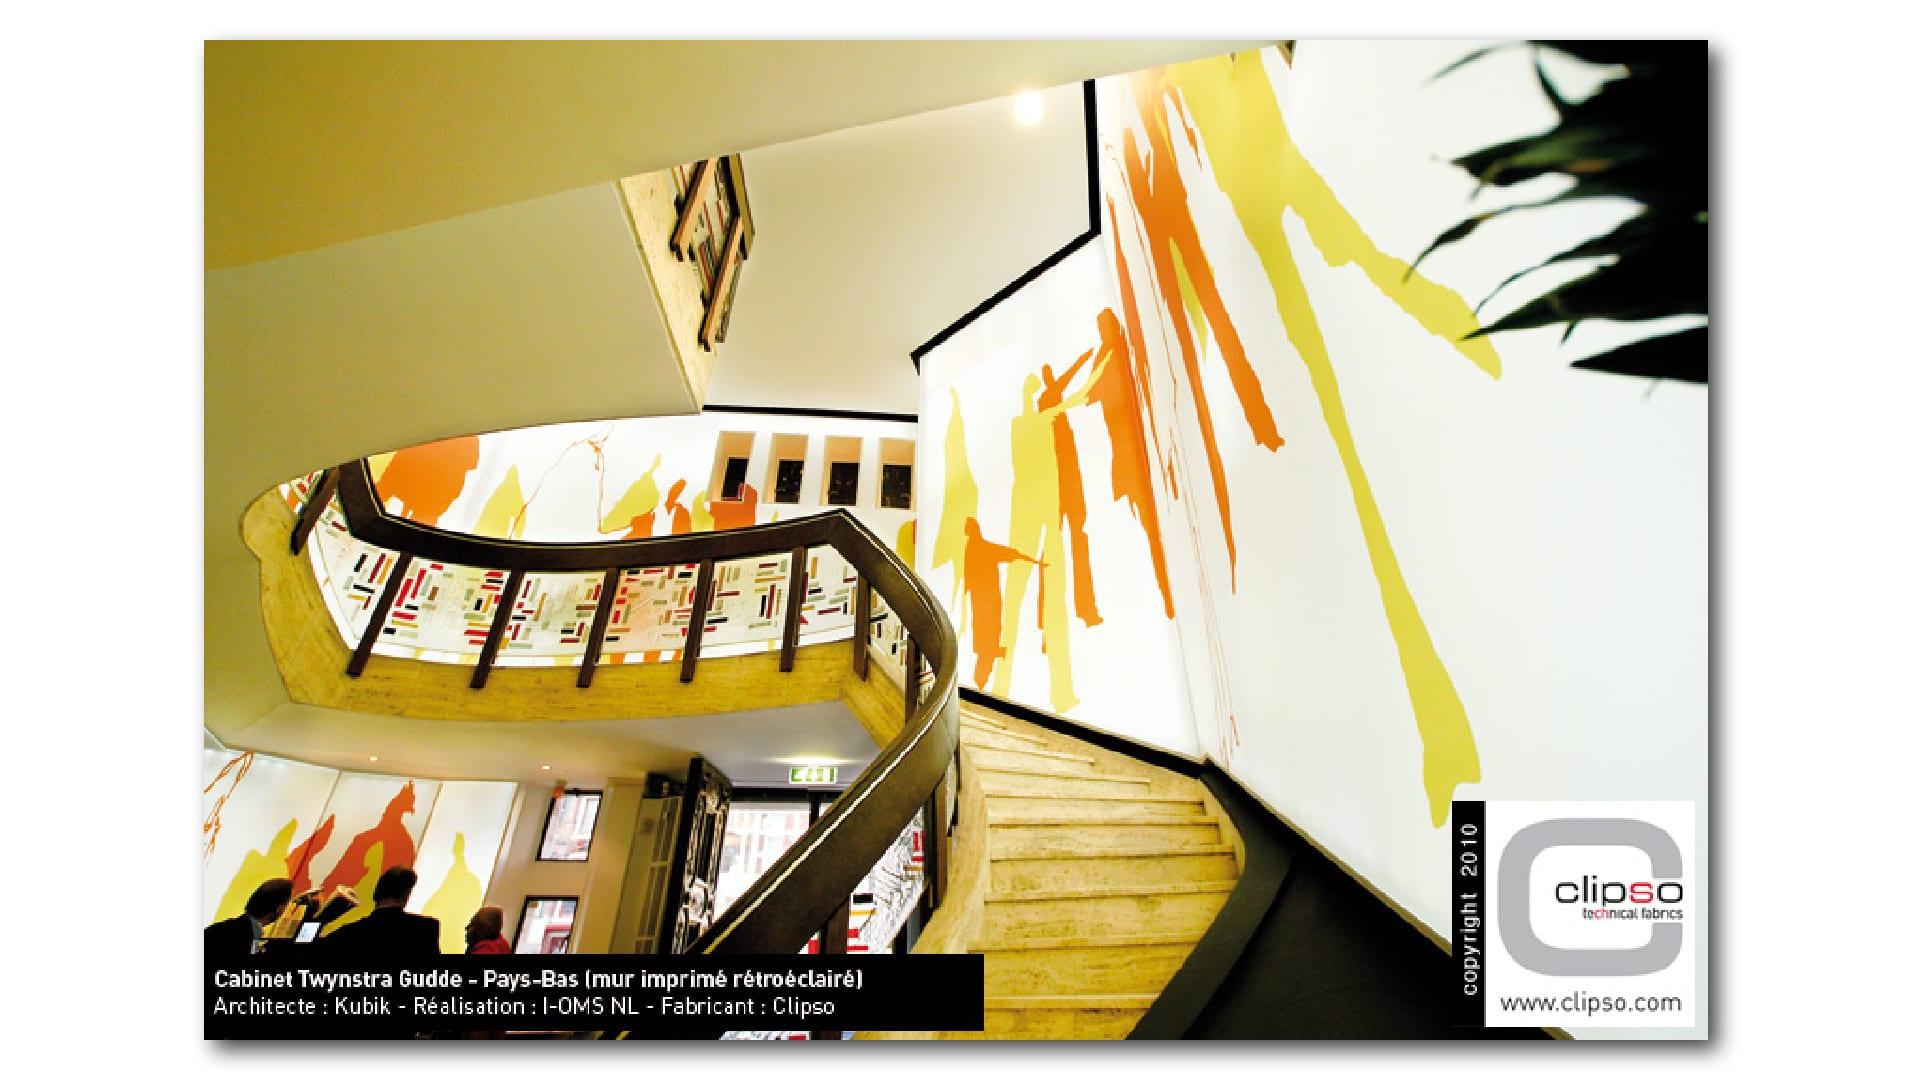 Treppenaufgan_im_Regierungsgebäude_mit_flächig_hinterleuchtetem_Wandbld-01_cf7uvt